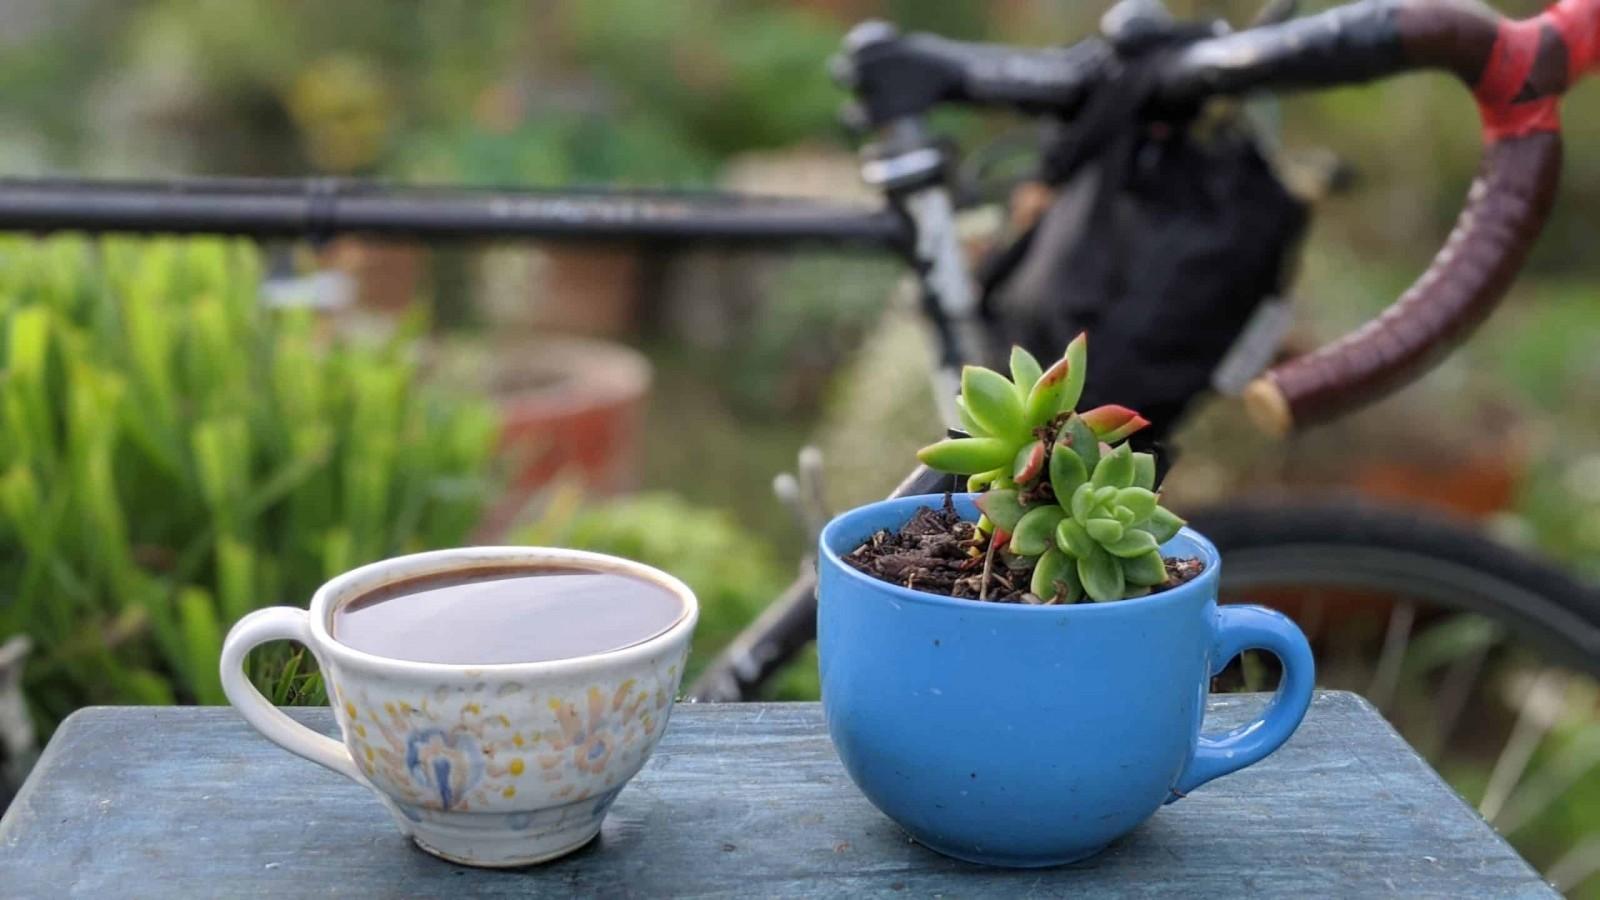 resetear-potenciar-cafeina/